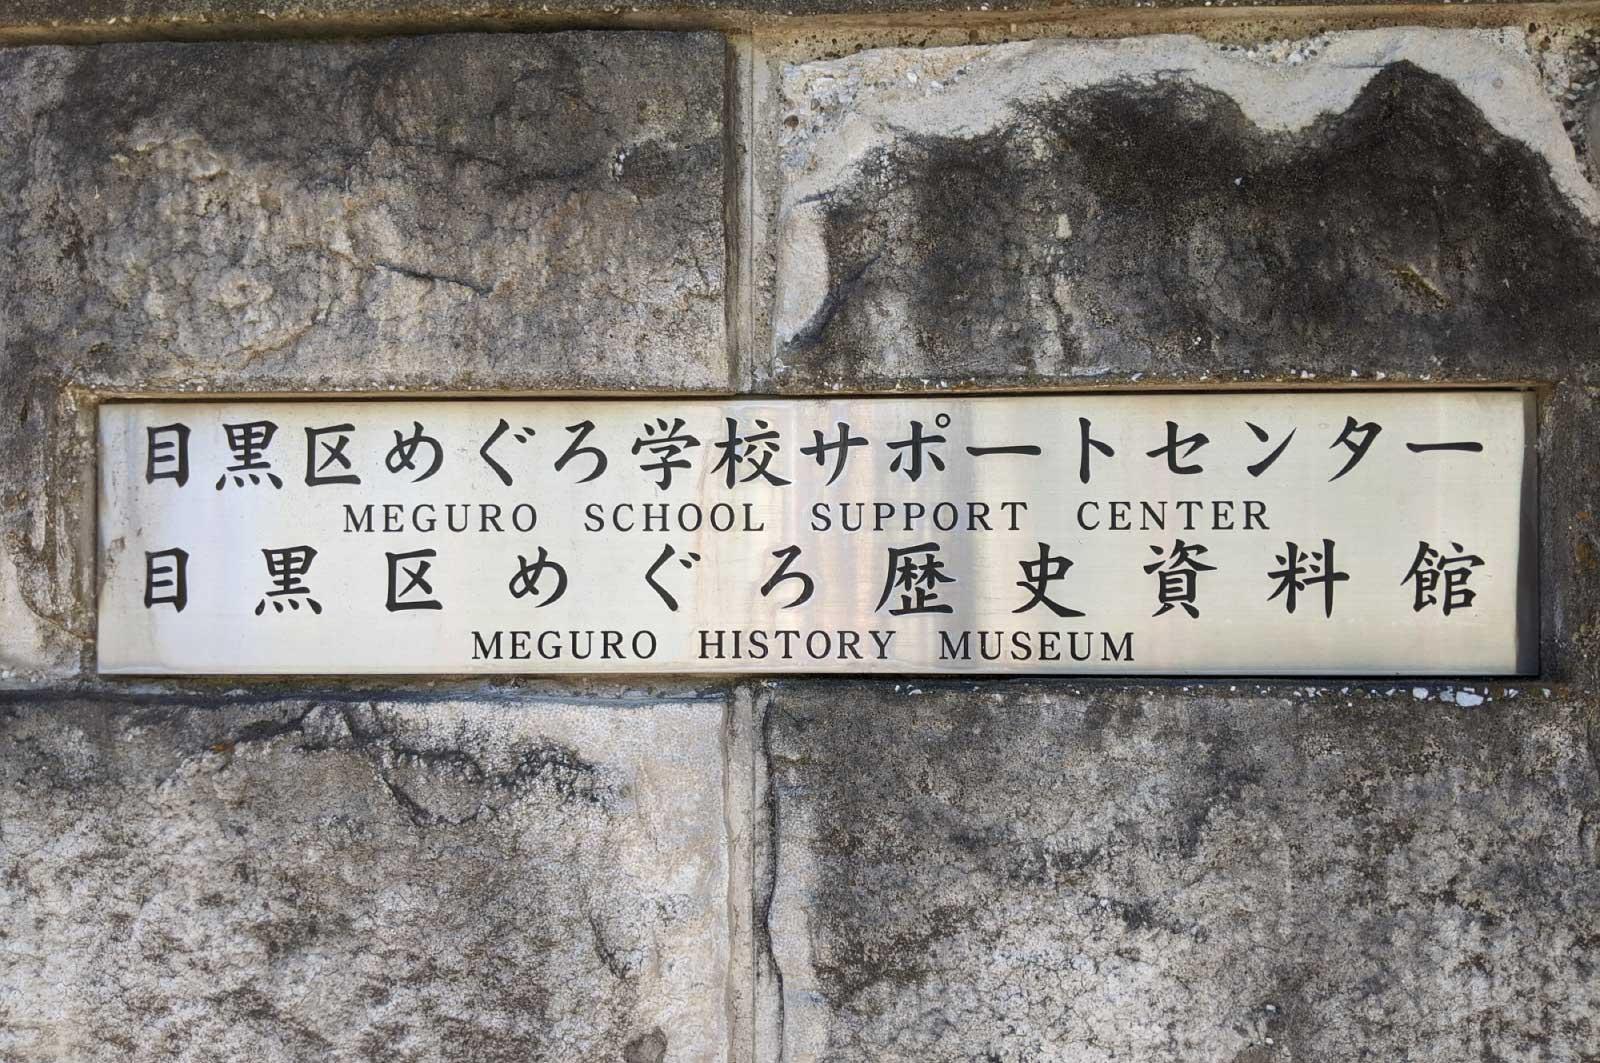 めぐろ歴史資料館の看板